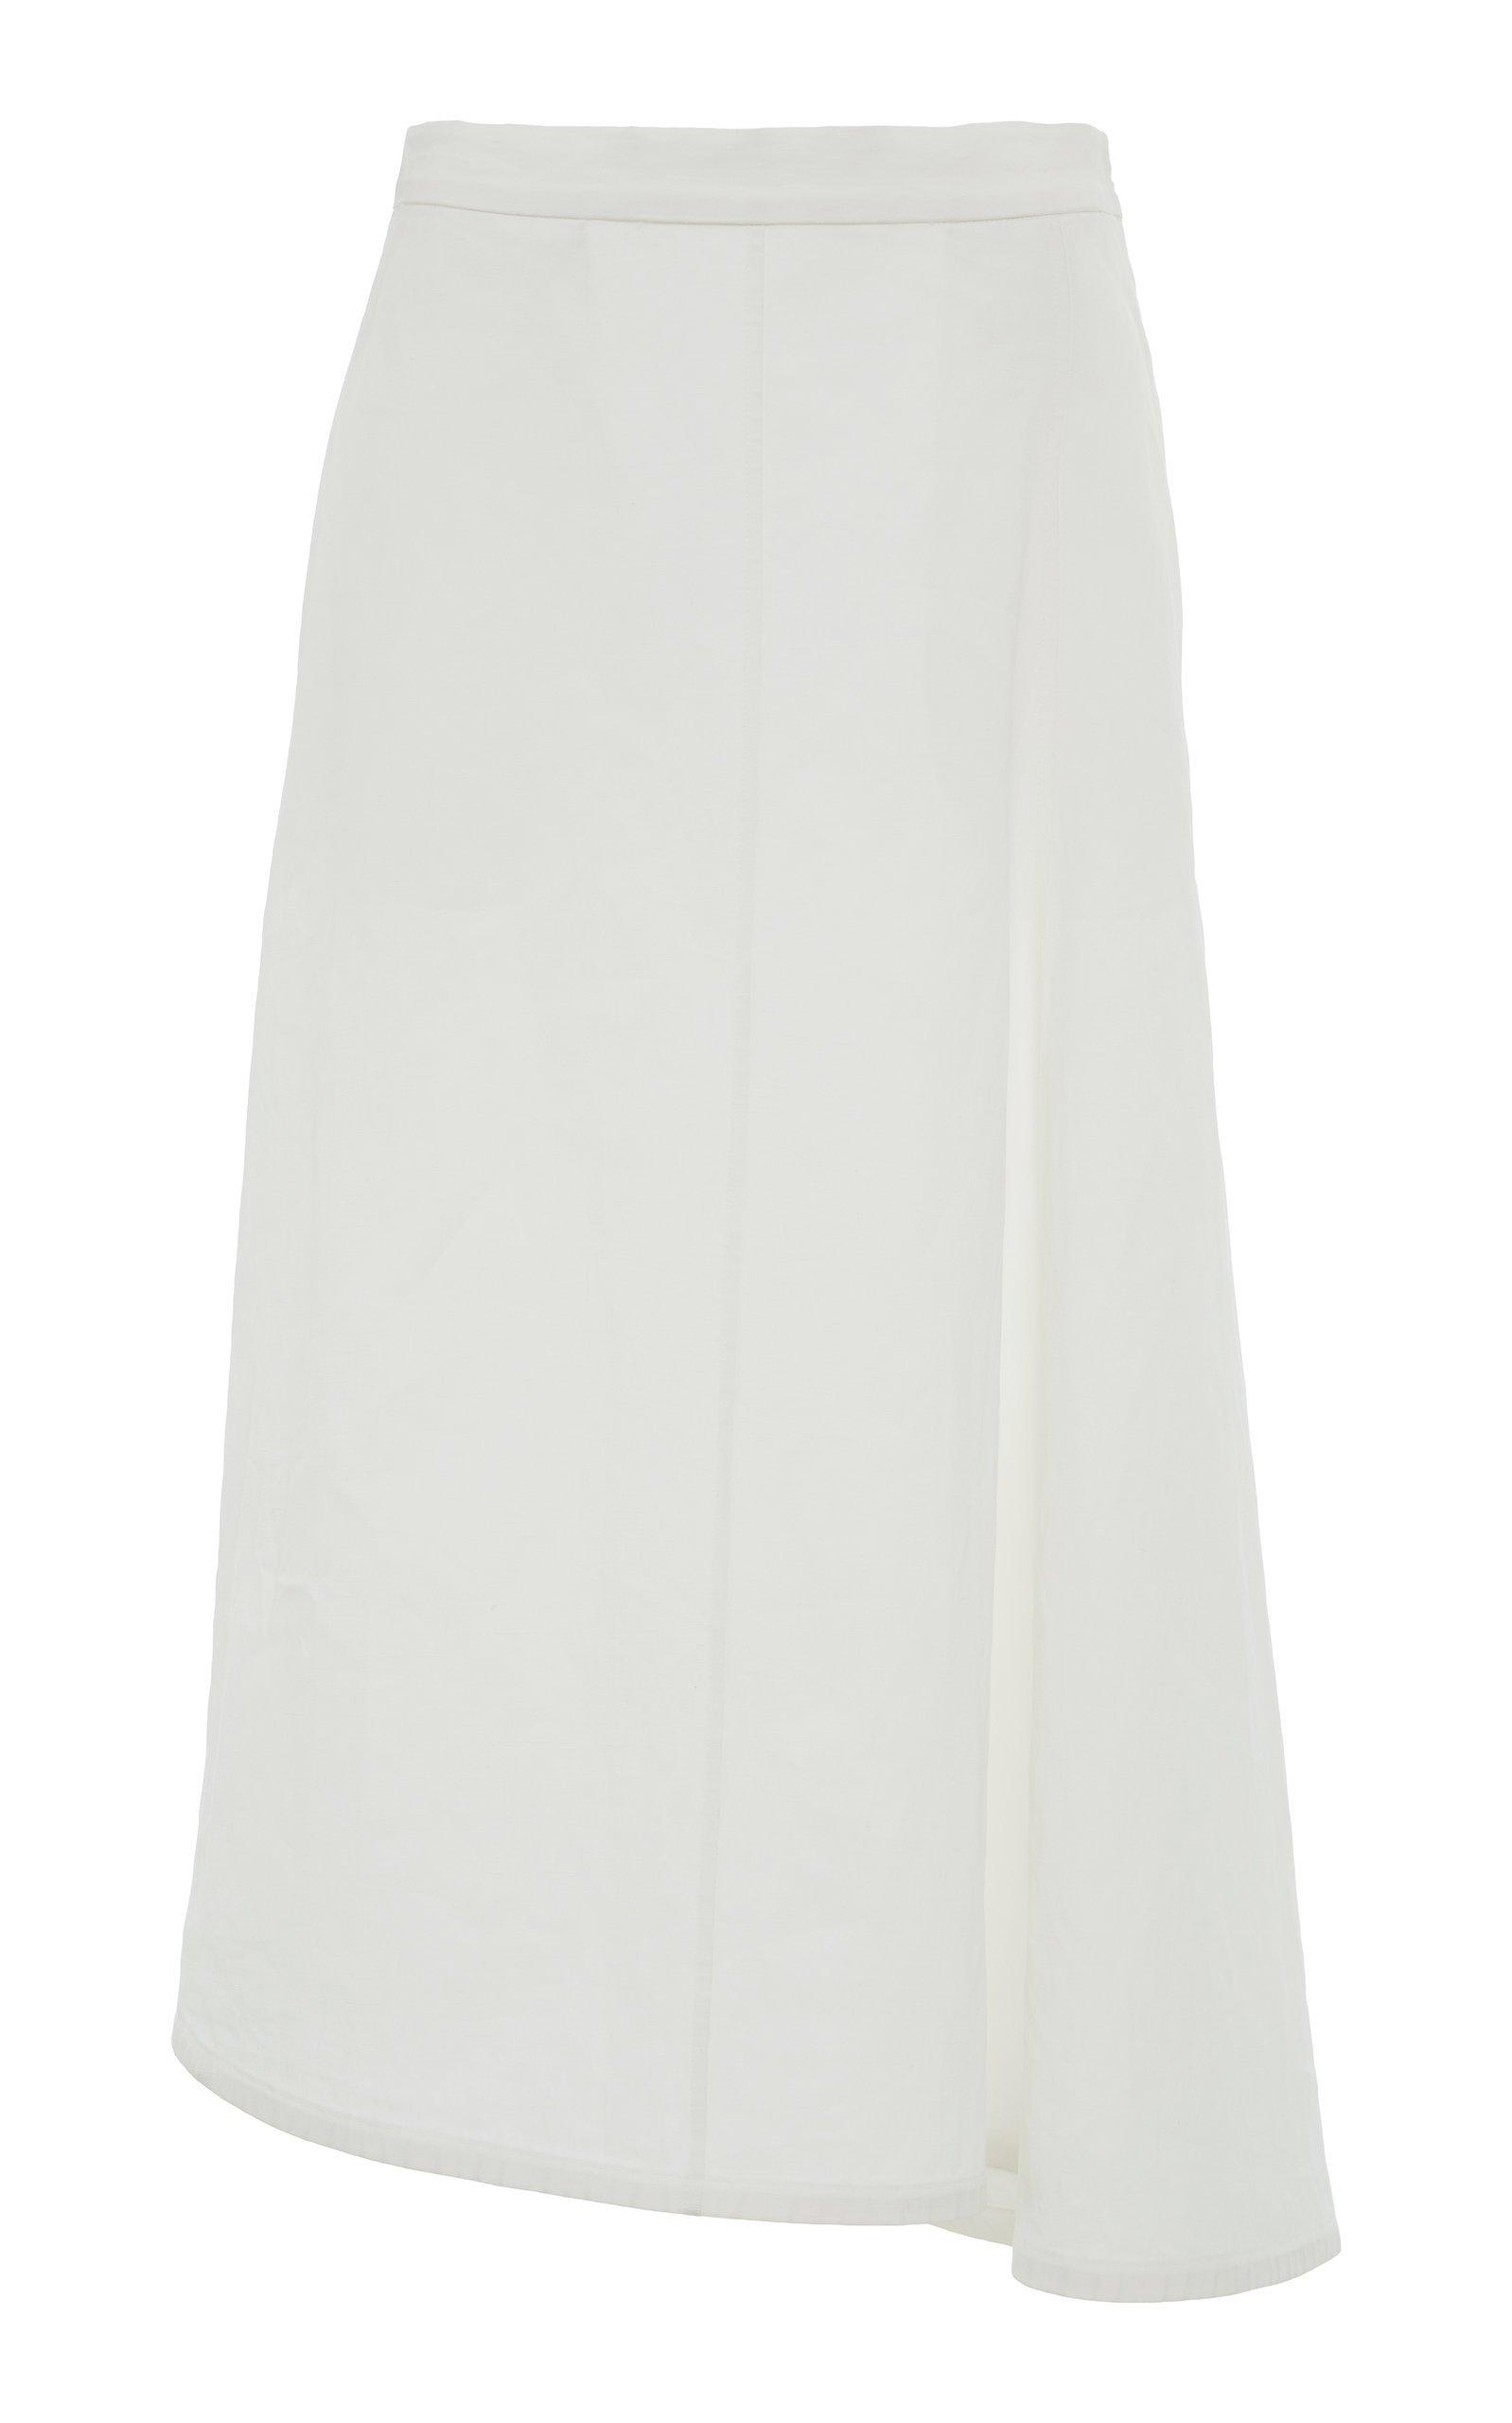 Jil Sander Mia Linen Skirt